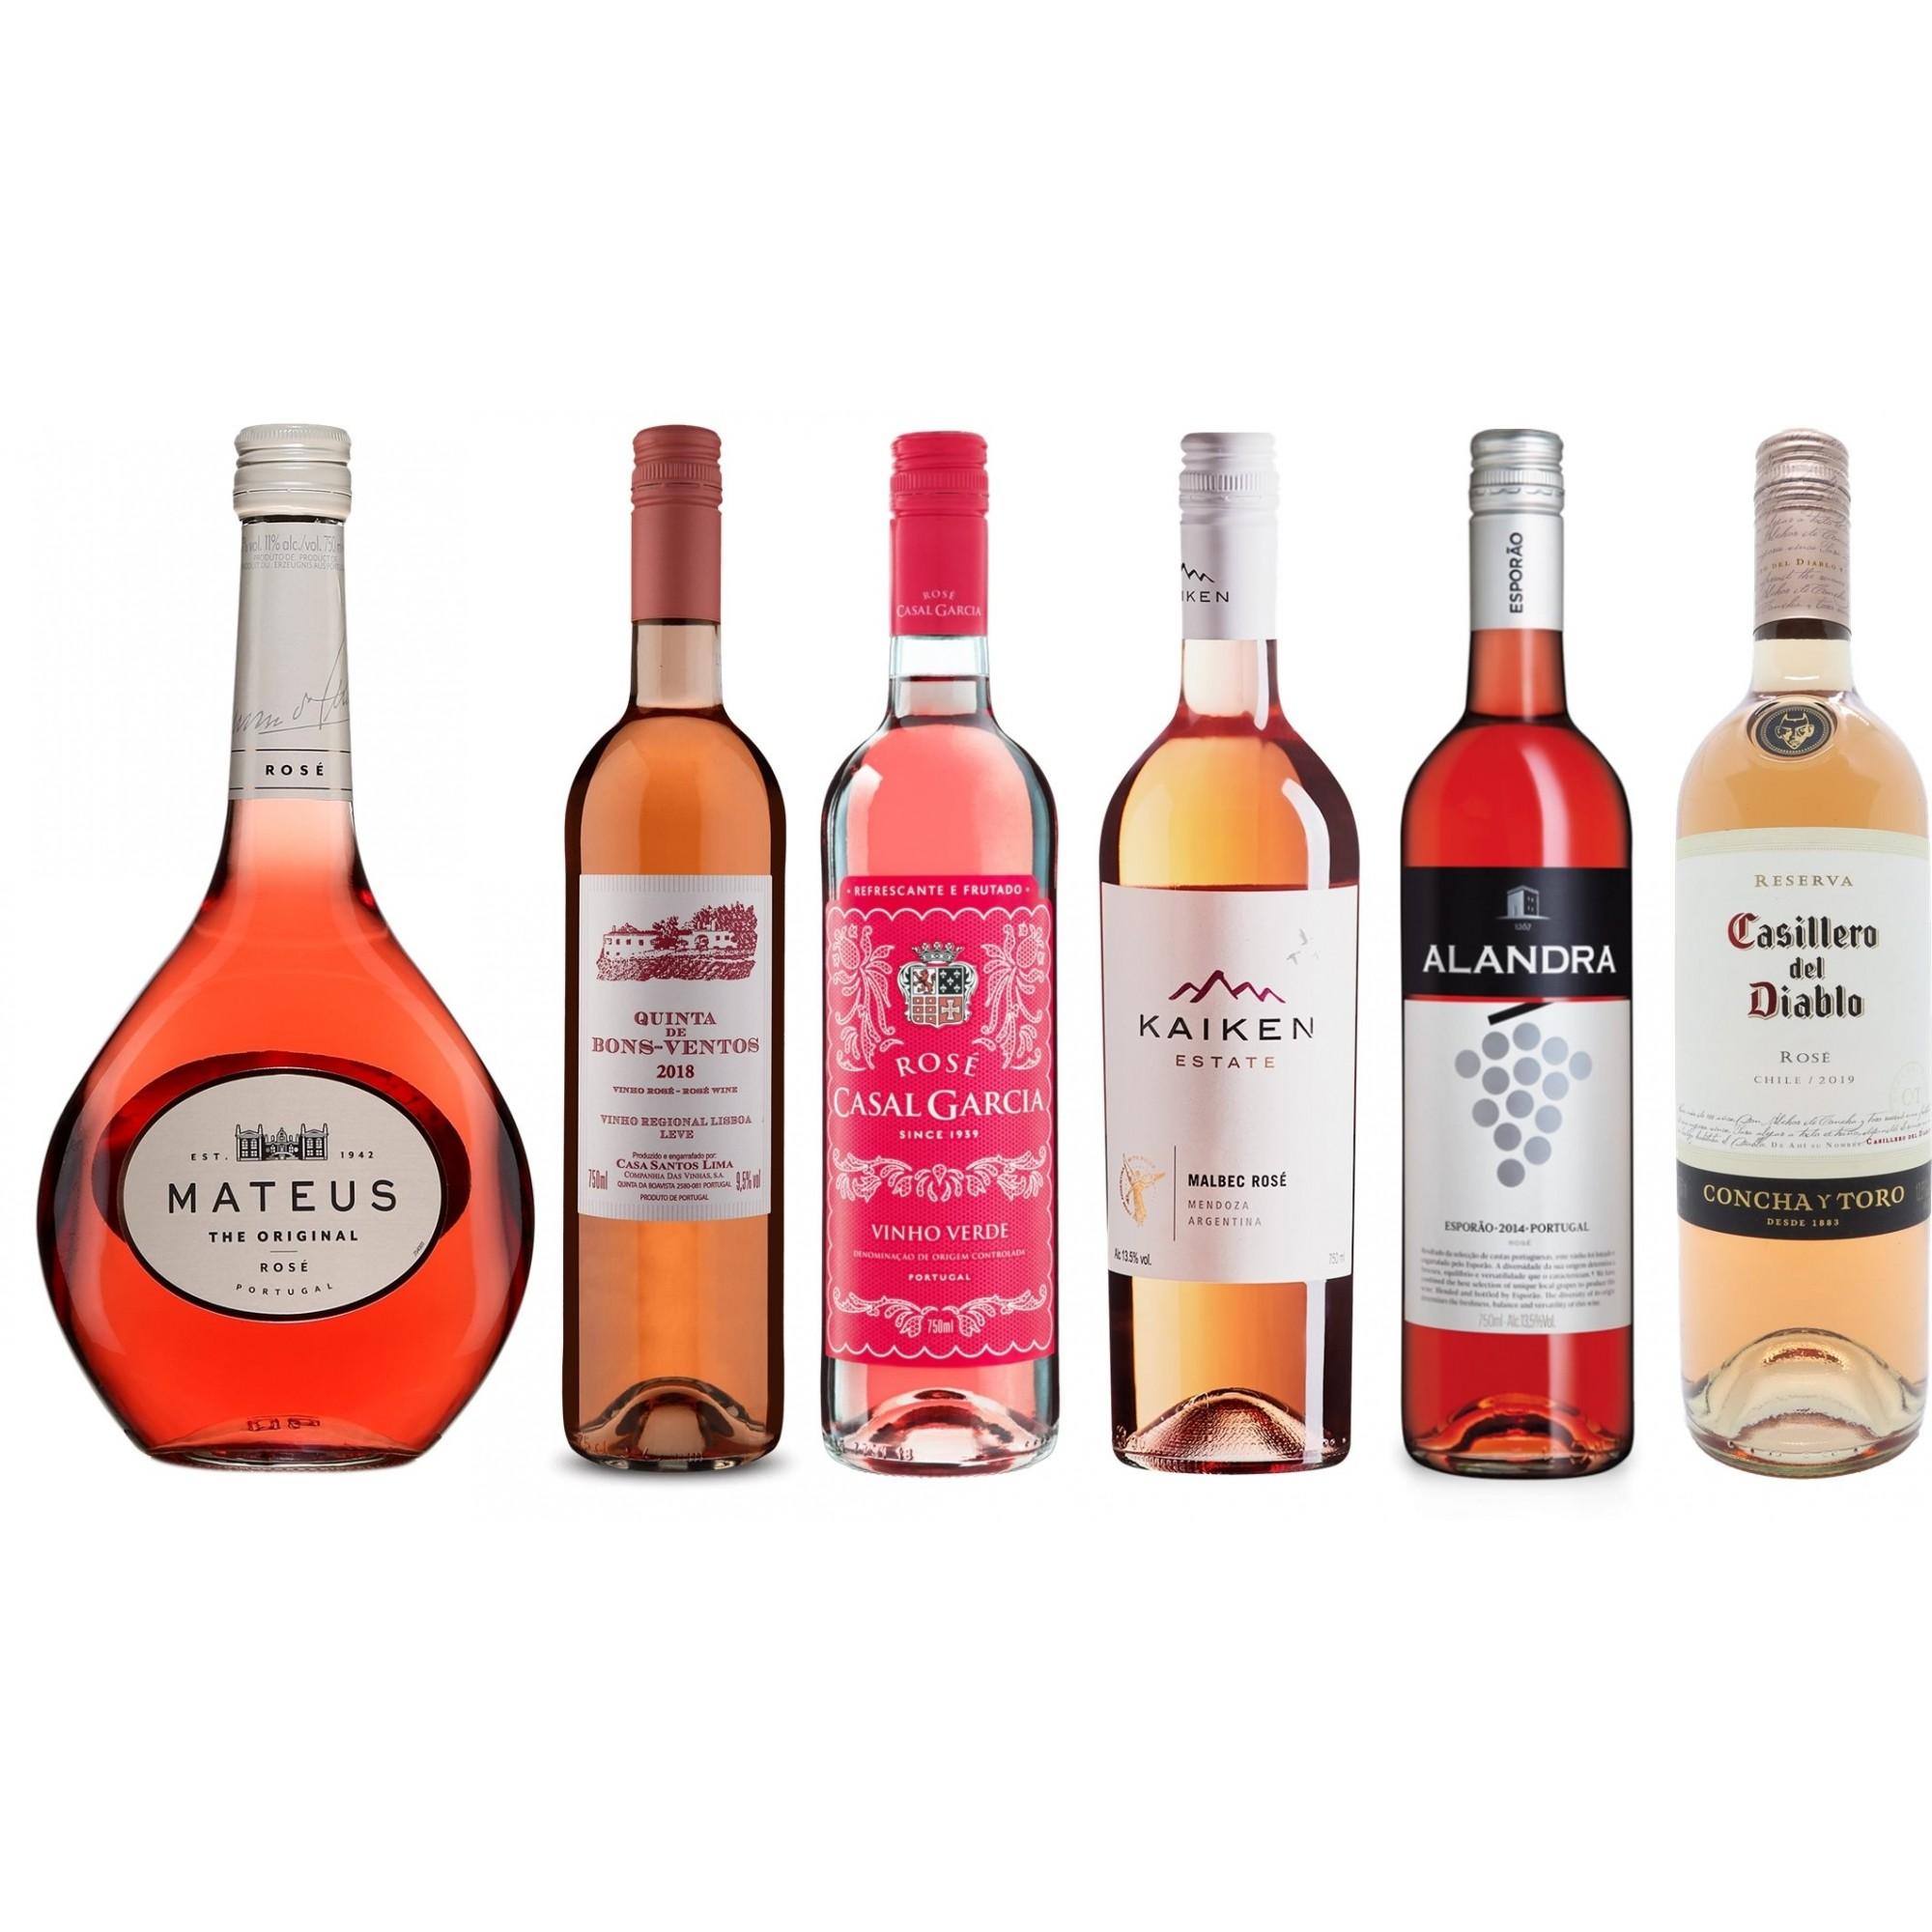 KIT EXPERIENCIA ROSE 1 - DINHO WINE BOX